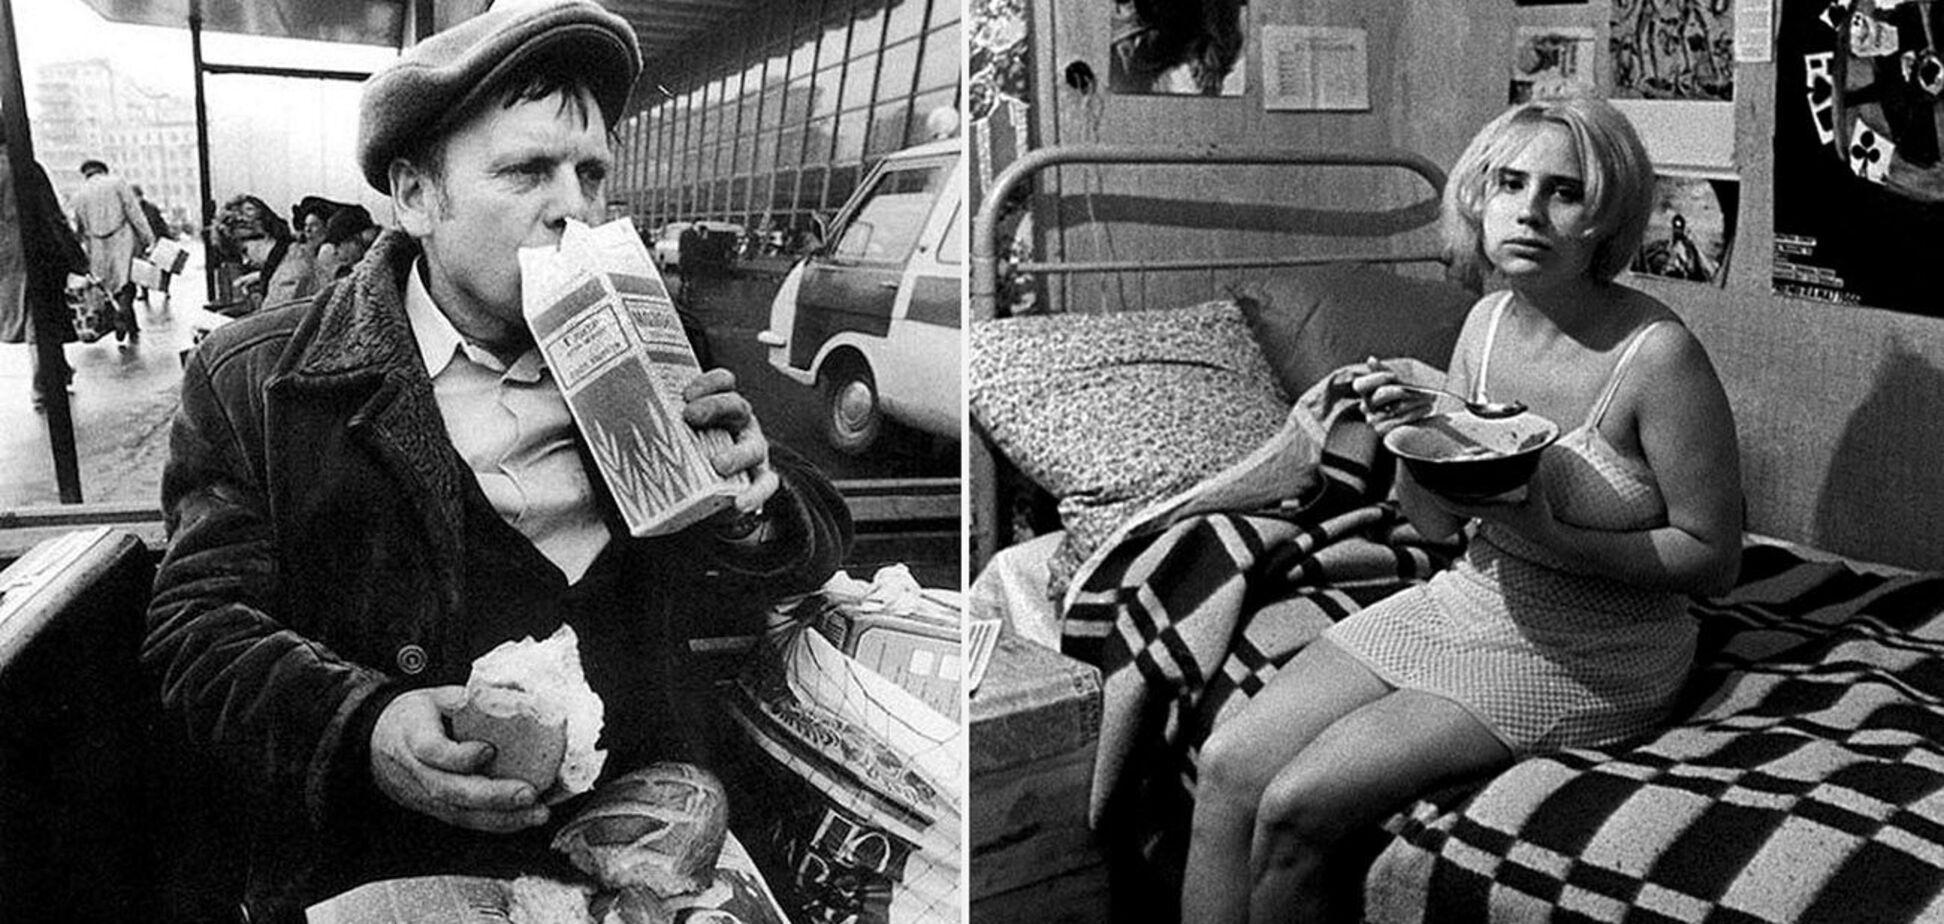 Убогий фастфуд в СССР: бутылка кефира и полбатона